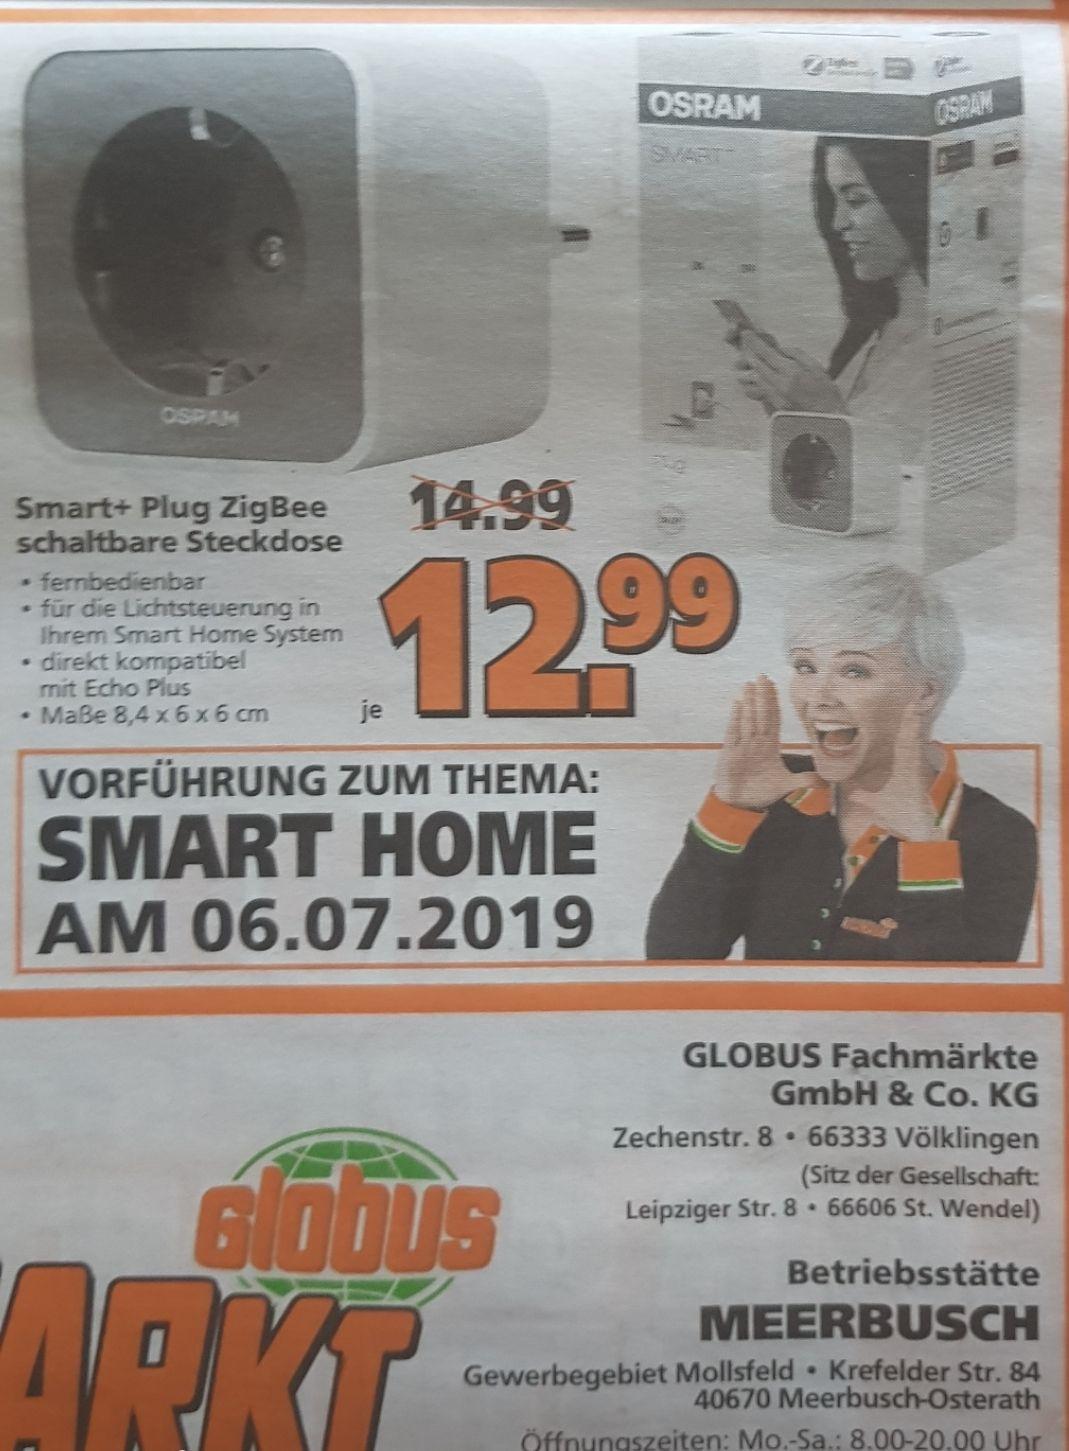 Osram Smart+ Plug ZigBee schaltbare Steckdose (offline bei Globus für 12,99/ online bei hitseller.de für 10 Euro/ Stück + 4,90 Versand)